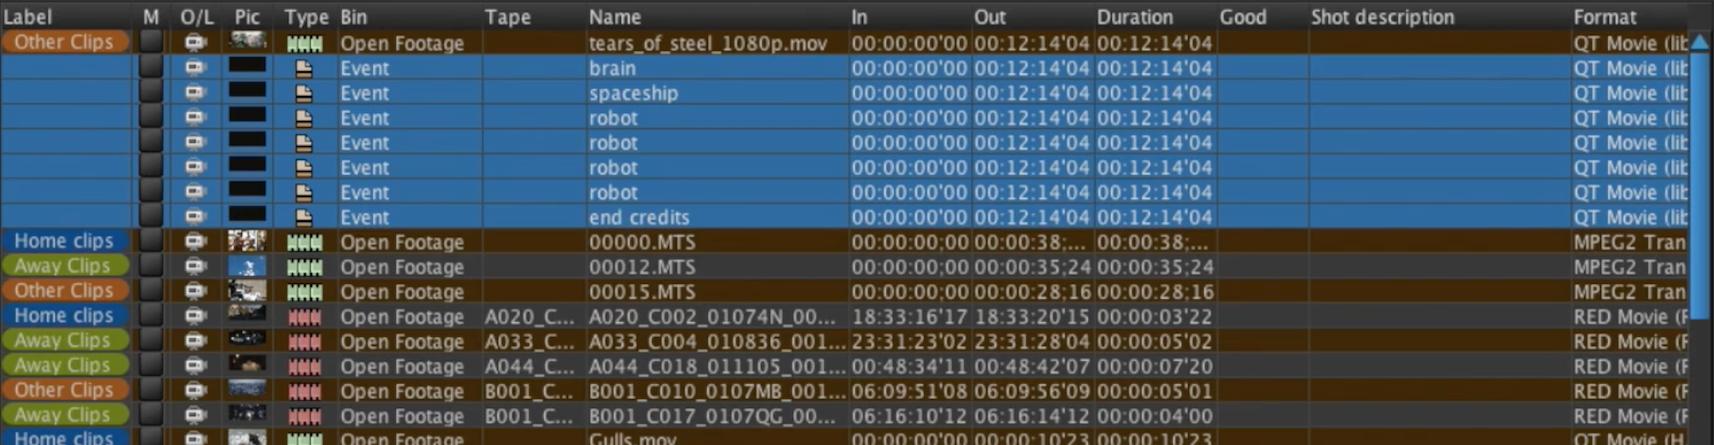 Screen Shot 2014-08-04 at 11.07.53